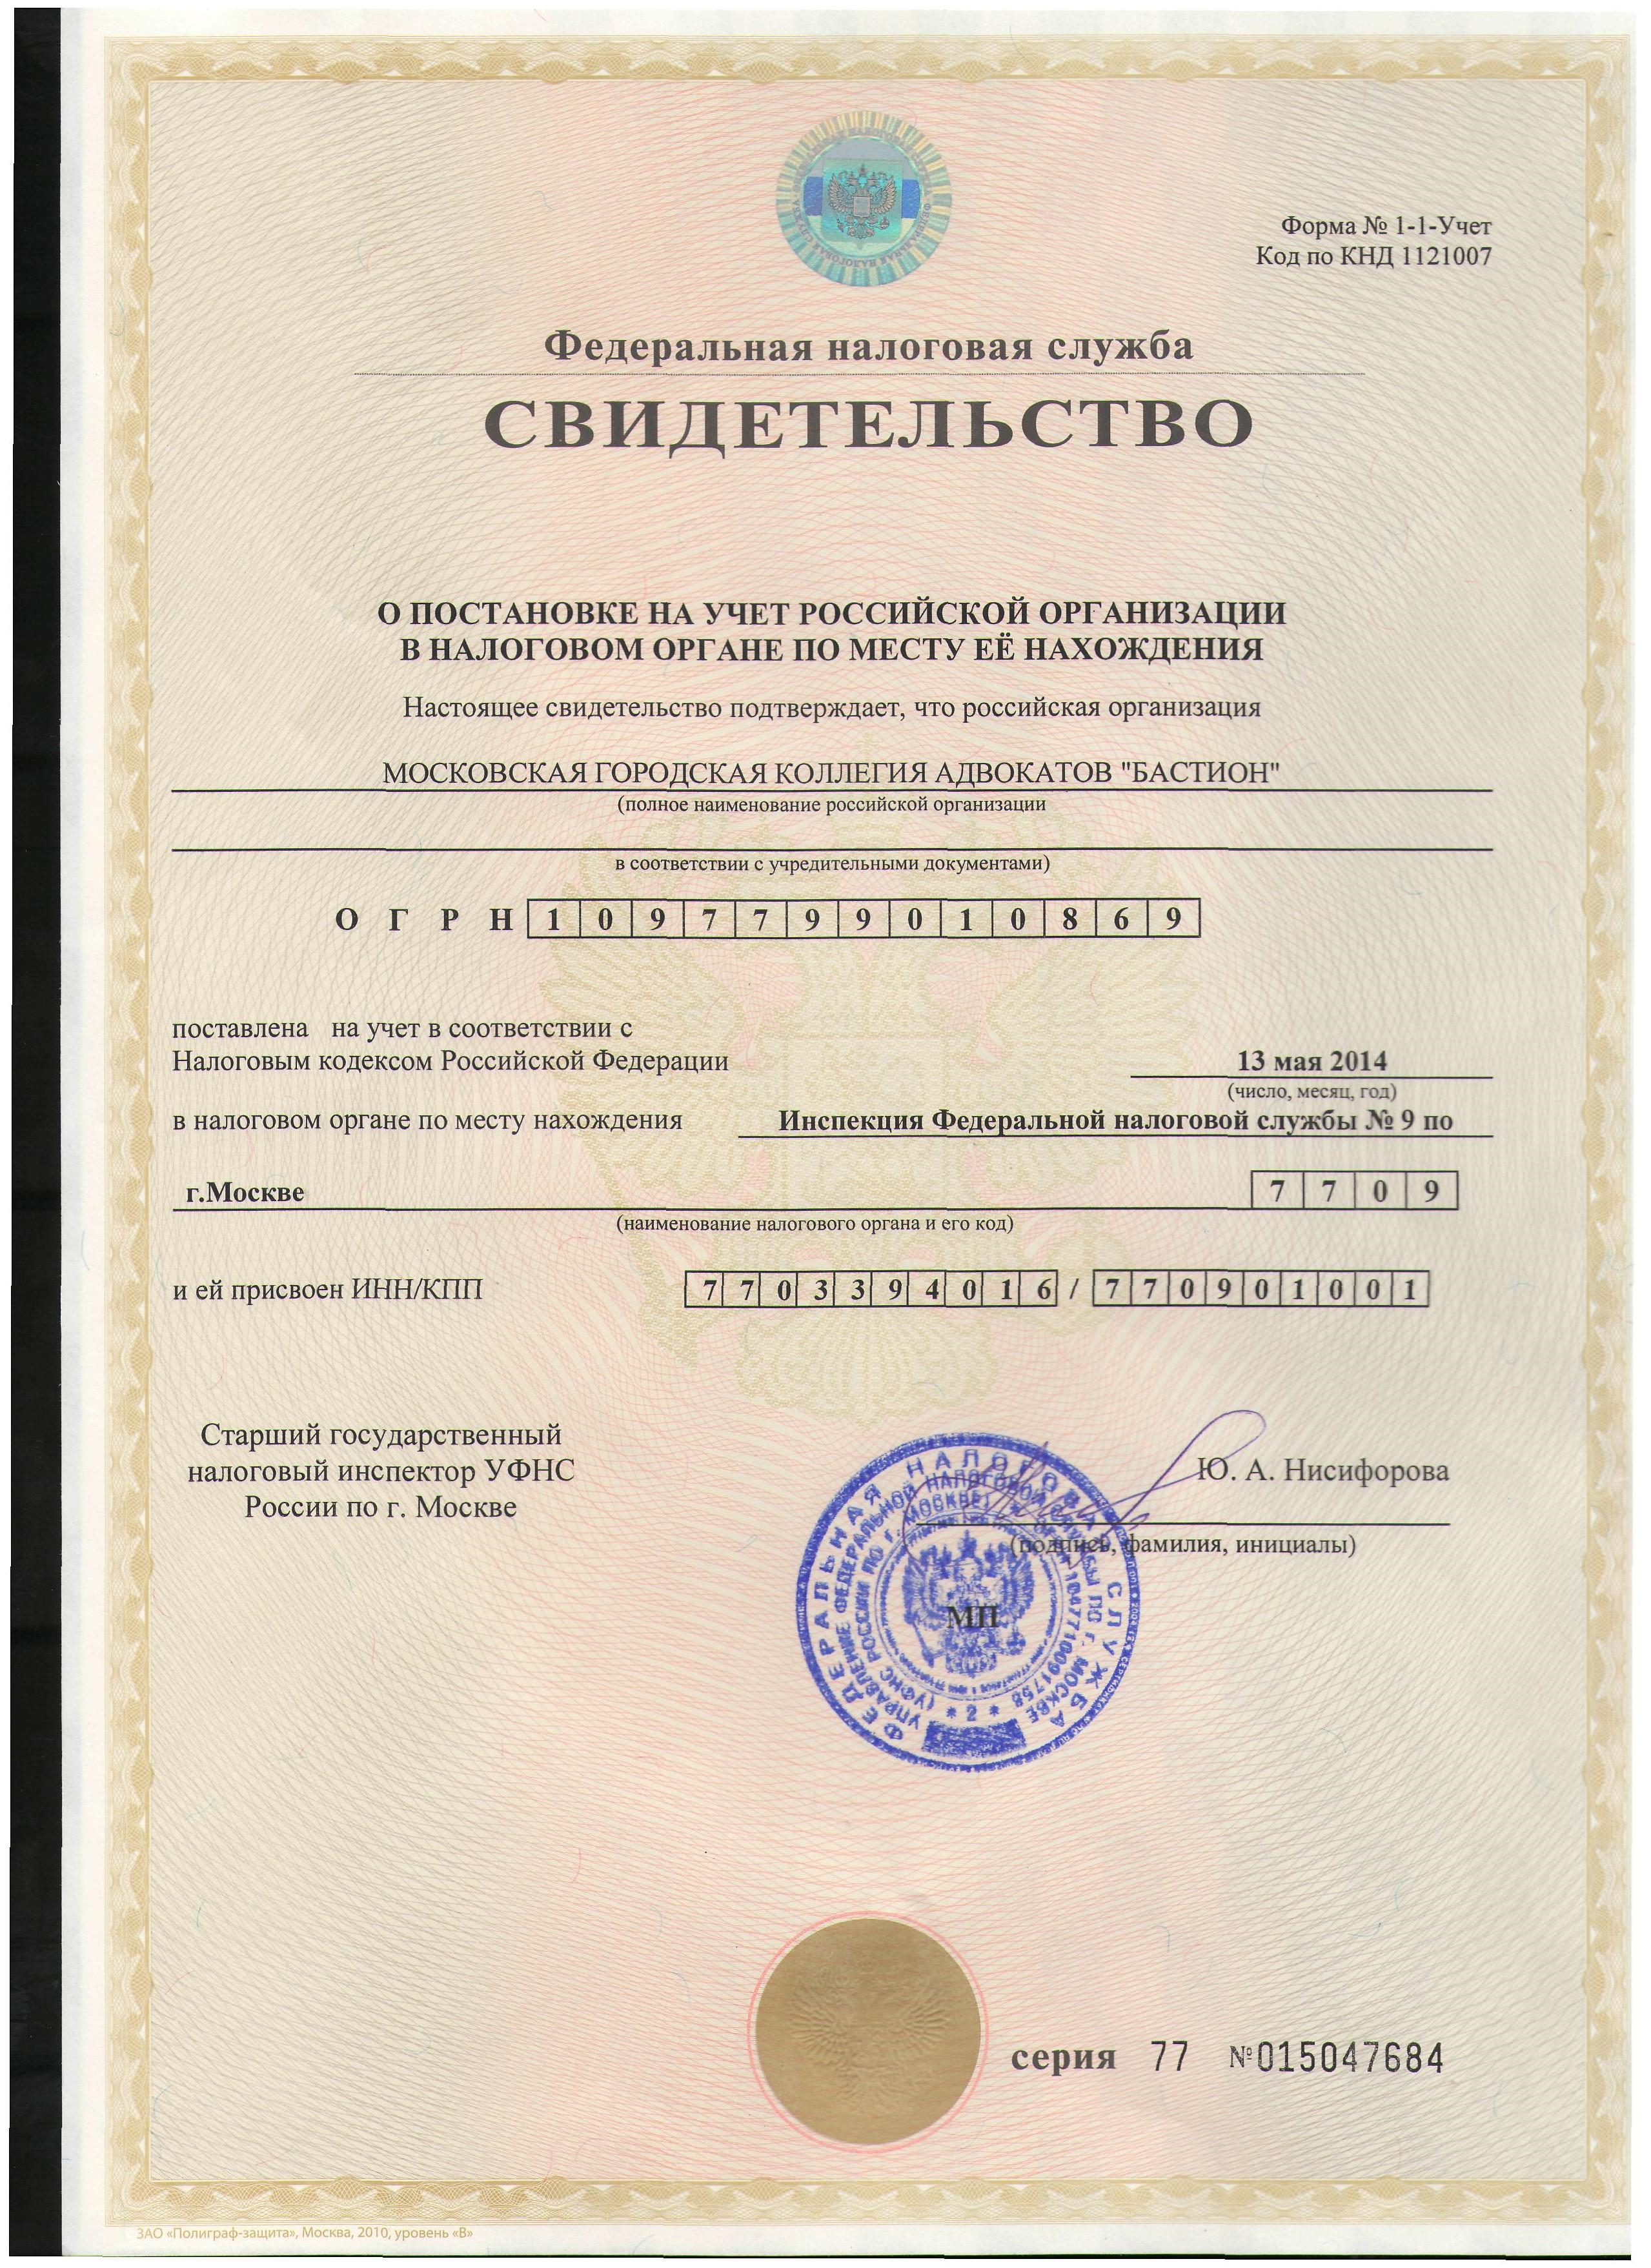 устав коллегии адвокатов